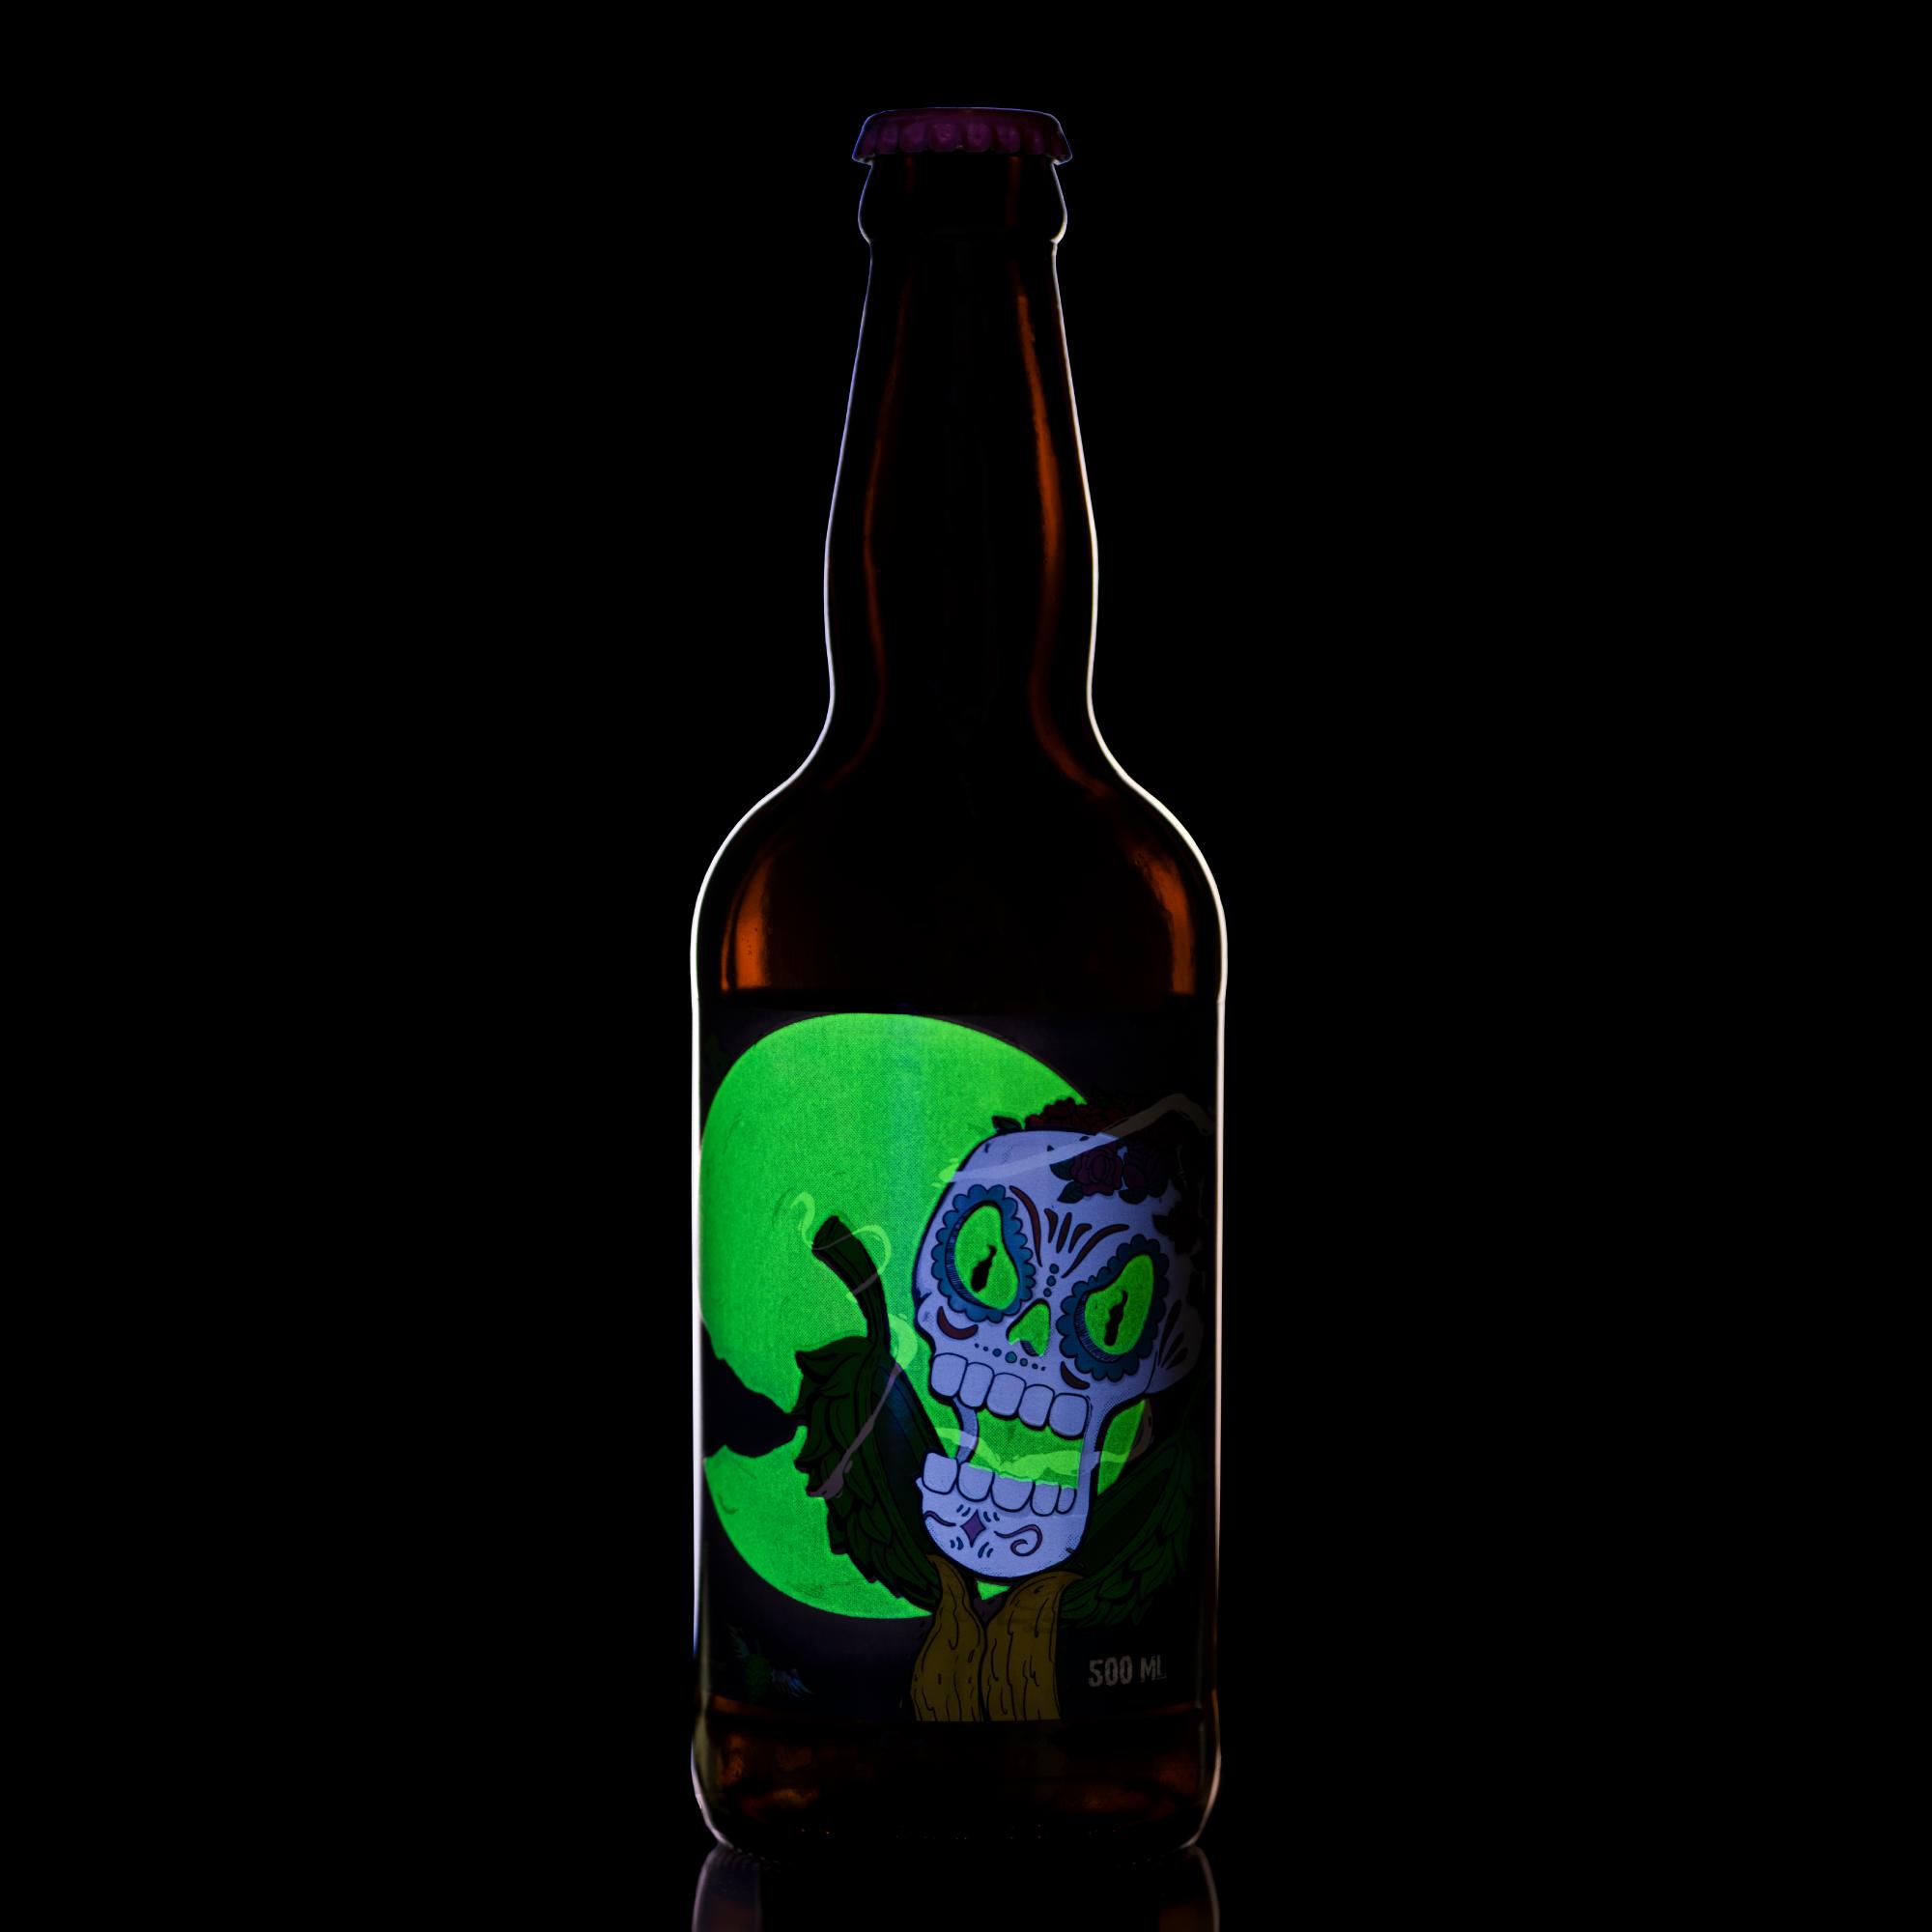 Já imaginou esse efeito na sua cerveja com abóbora de halloween?!